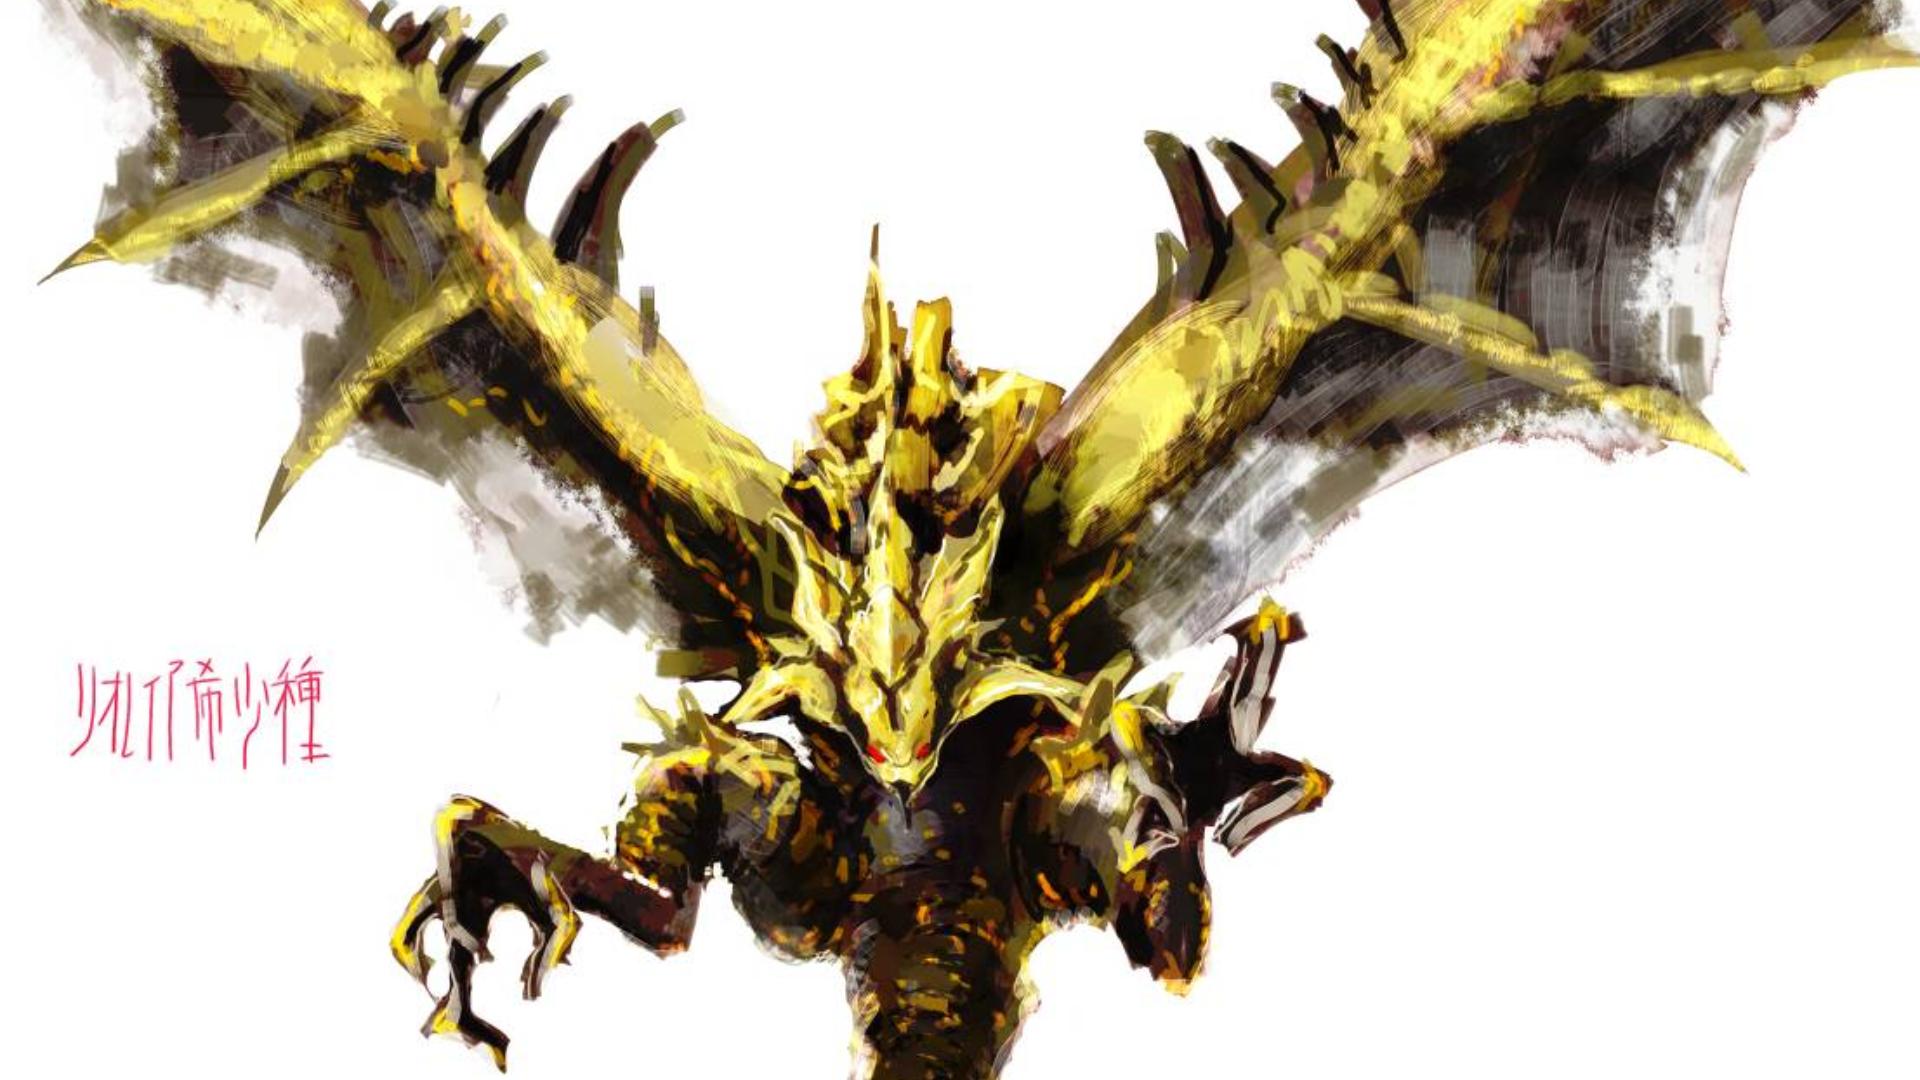 【MHWI】【非正常狩猎】【3分37秒速杀历战金火龙】